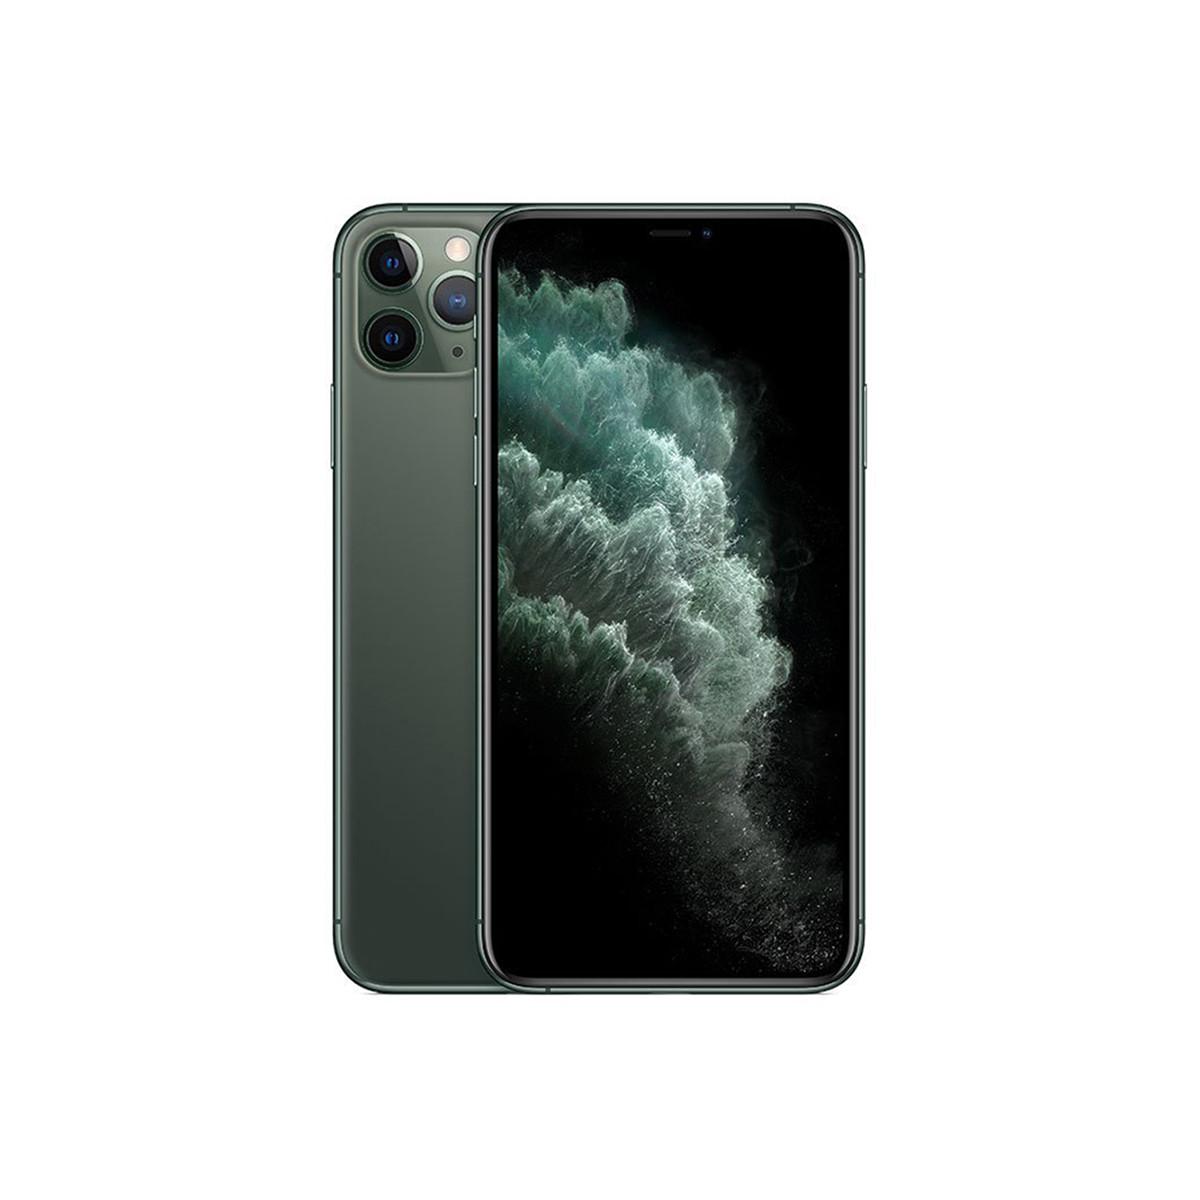 苹果iPhone 11 Pro Max【壳膜+无线充套餐】全网通 4G手机TYKJ-IPhone11 PRO MAX 暗夜绿WXC